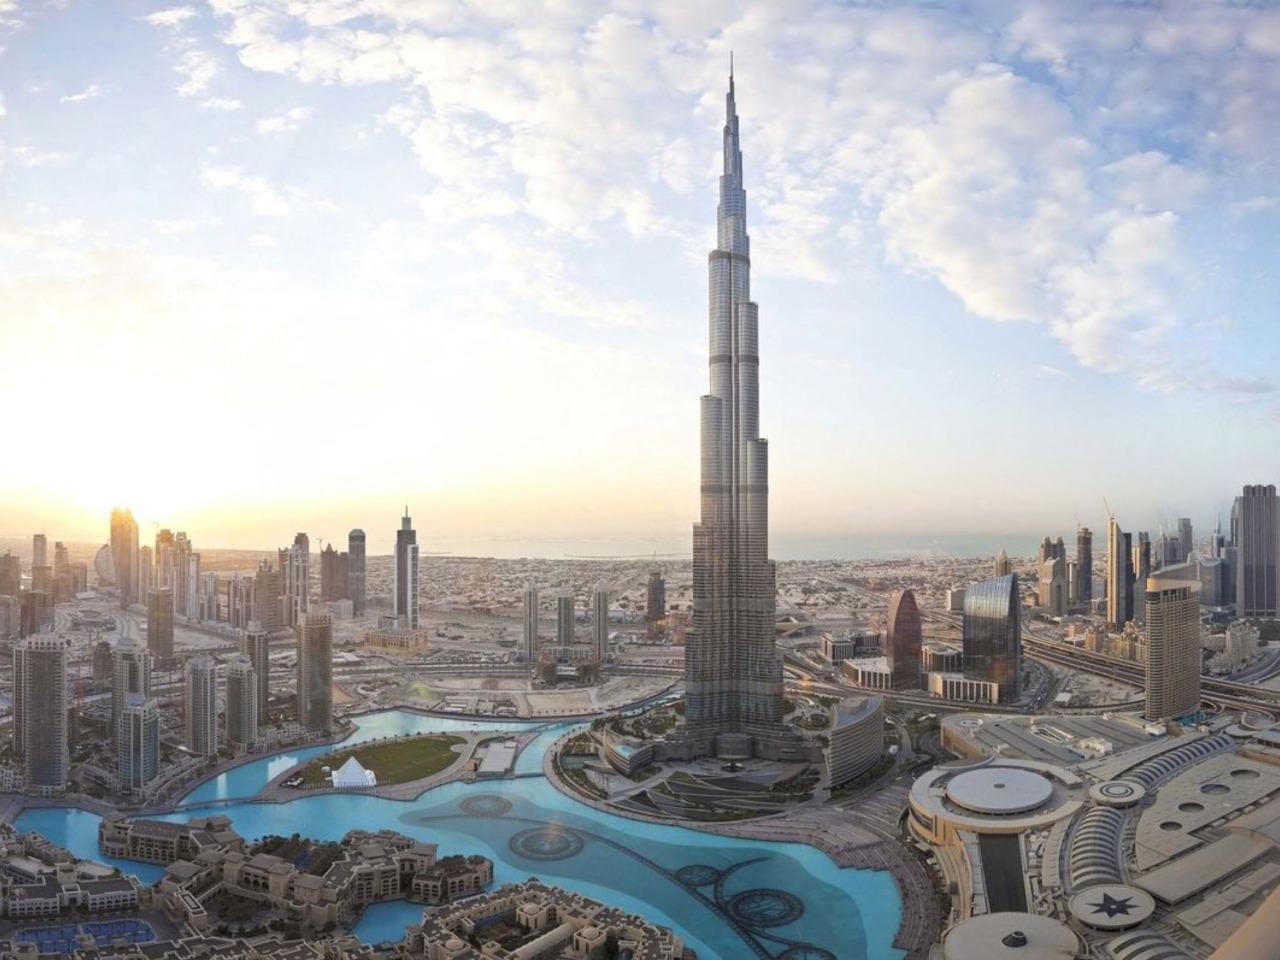 Дубай — сердце Персидского залива - индивидуальная экскурсия в Дубае от опытного гида